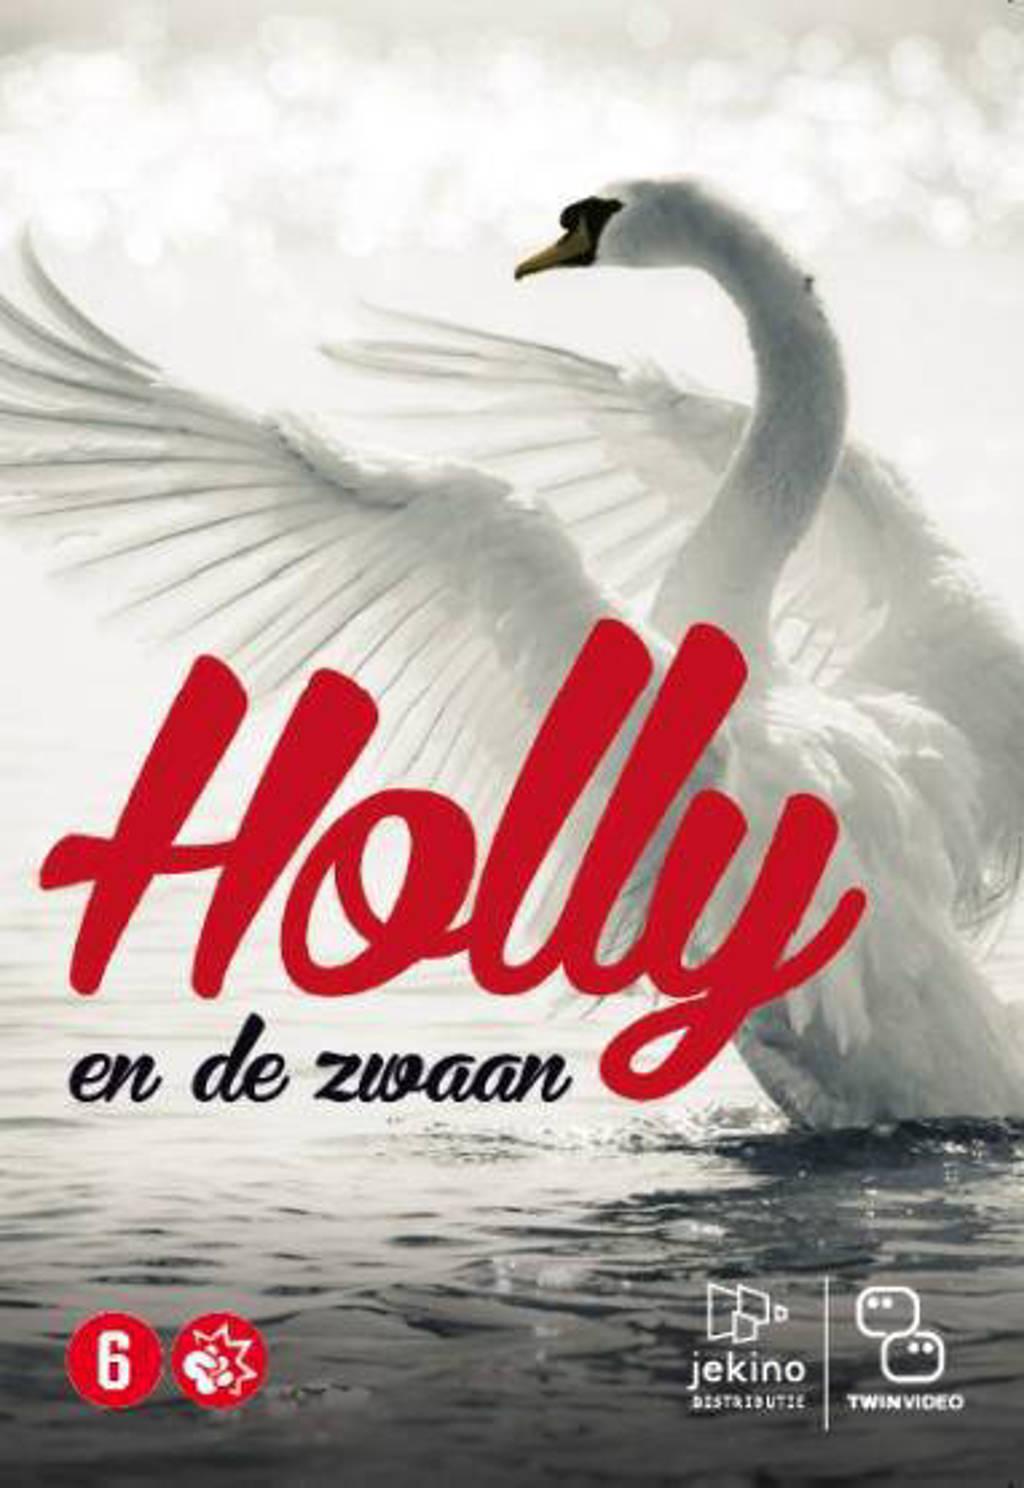 Holly en de zwaan (NL-only) (DVD)